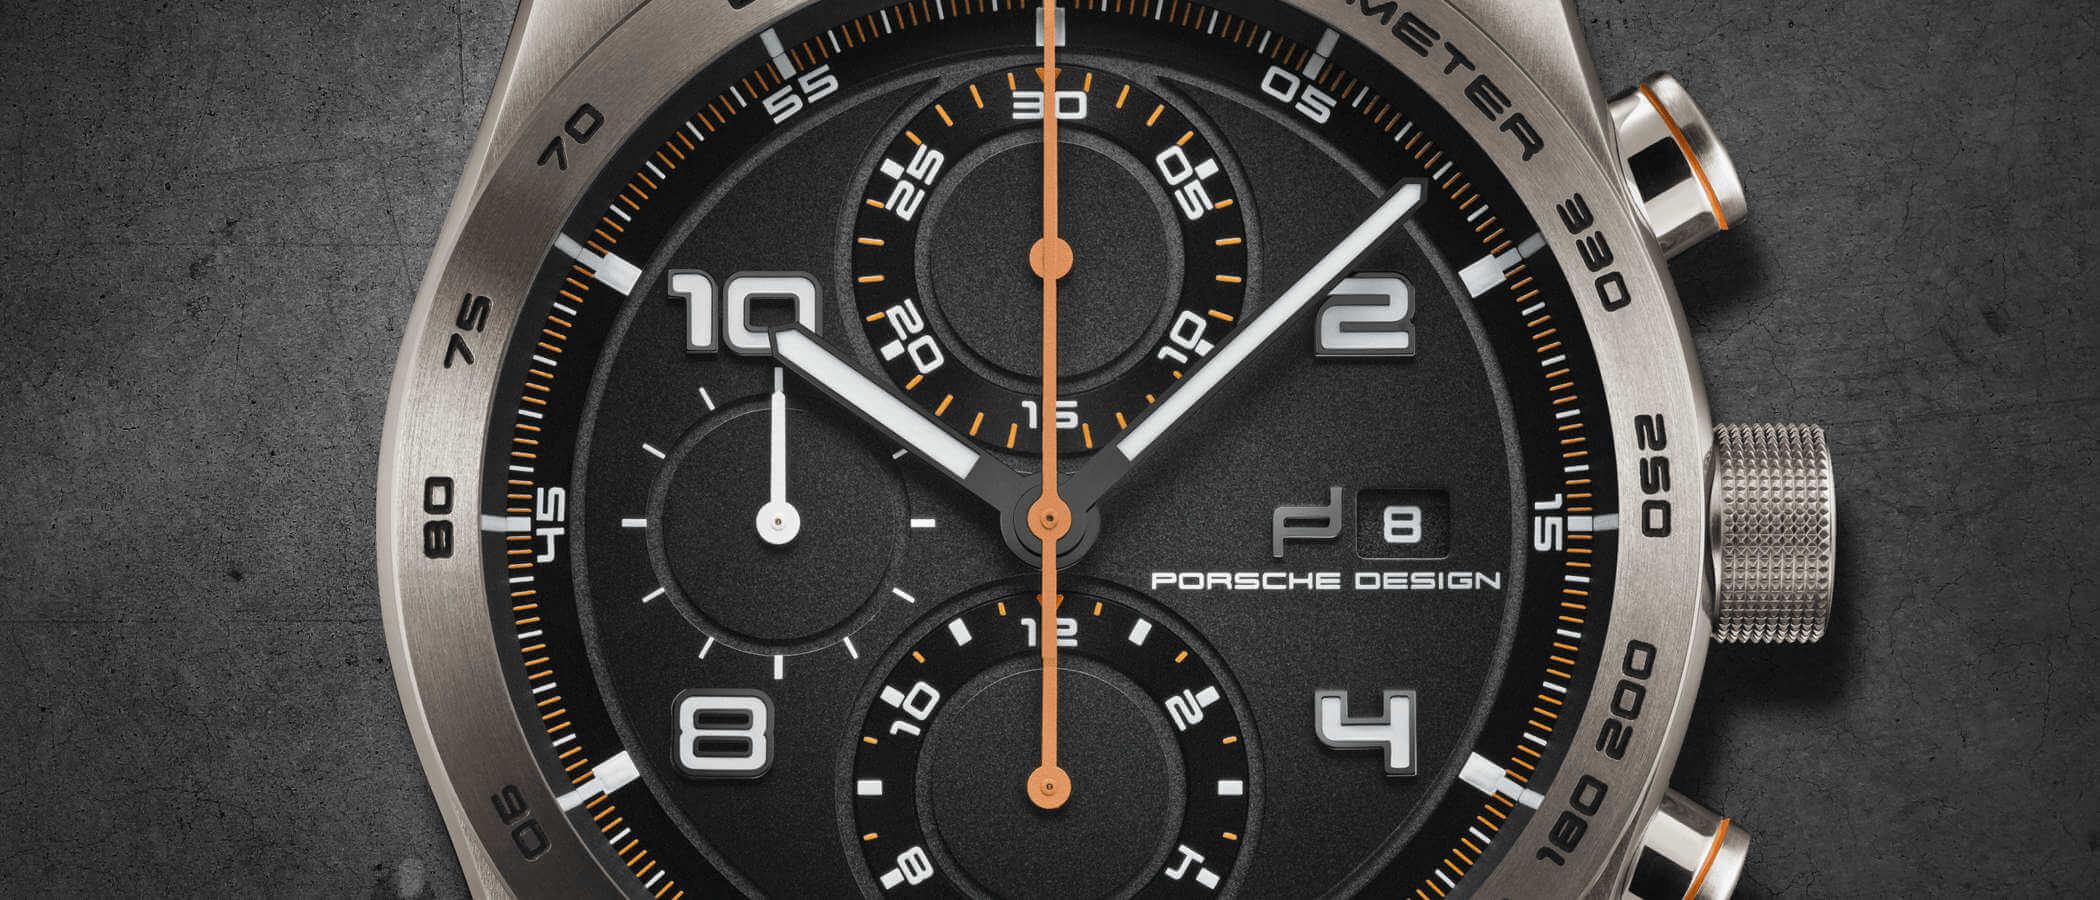 Porsche Design Chronotimer Series 1 Tangerine Detailansicht Zifferblatt